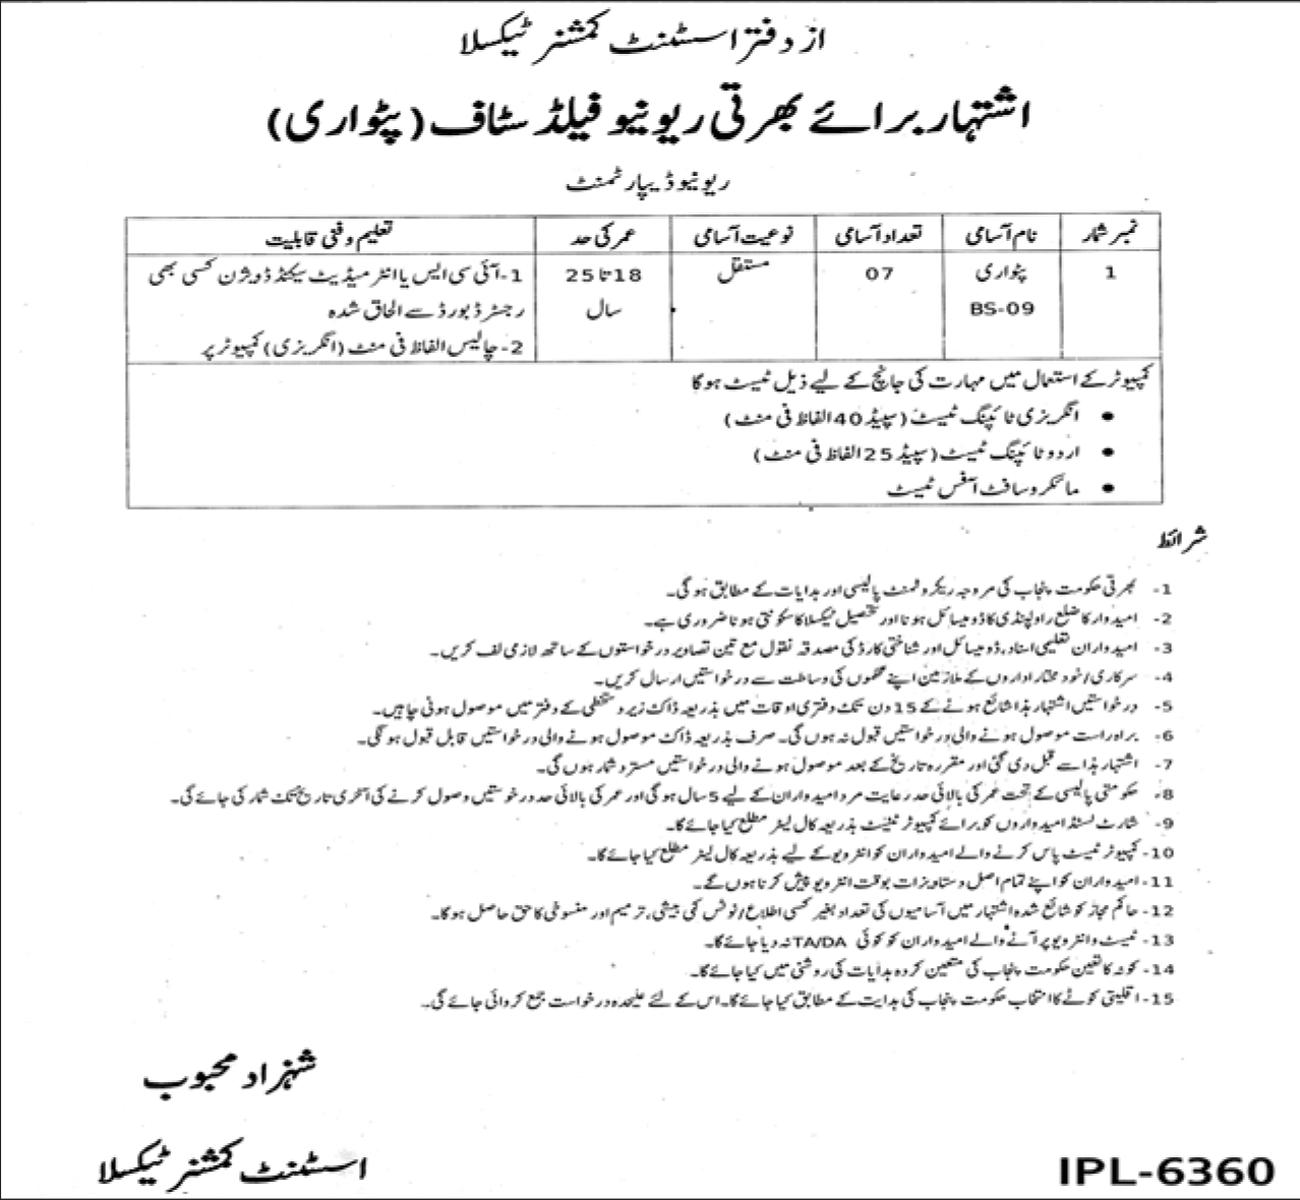 Punjab Revenue Department Jobs